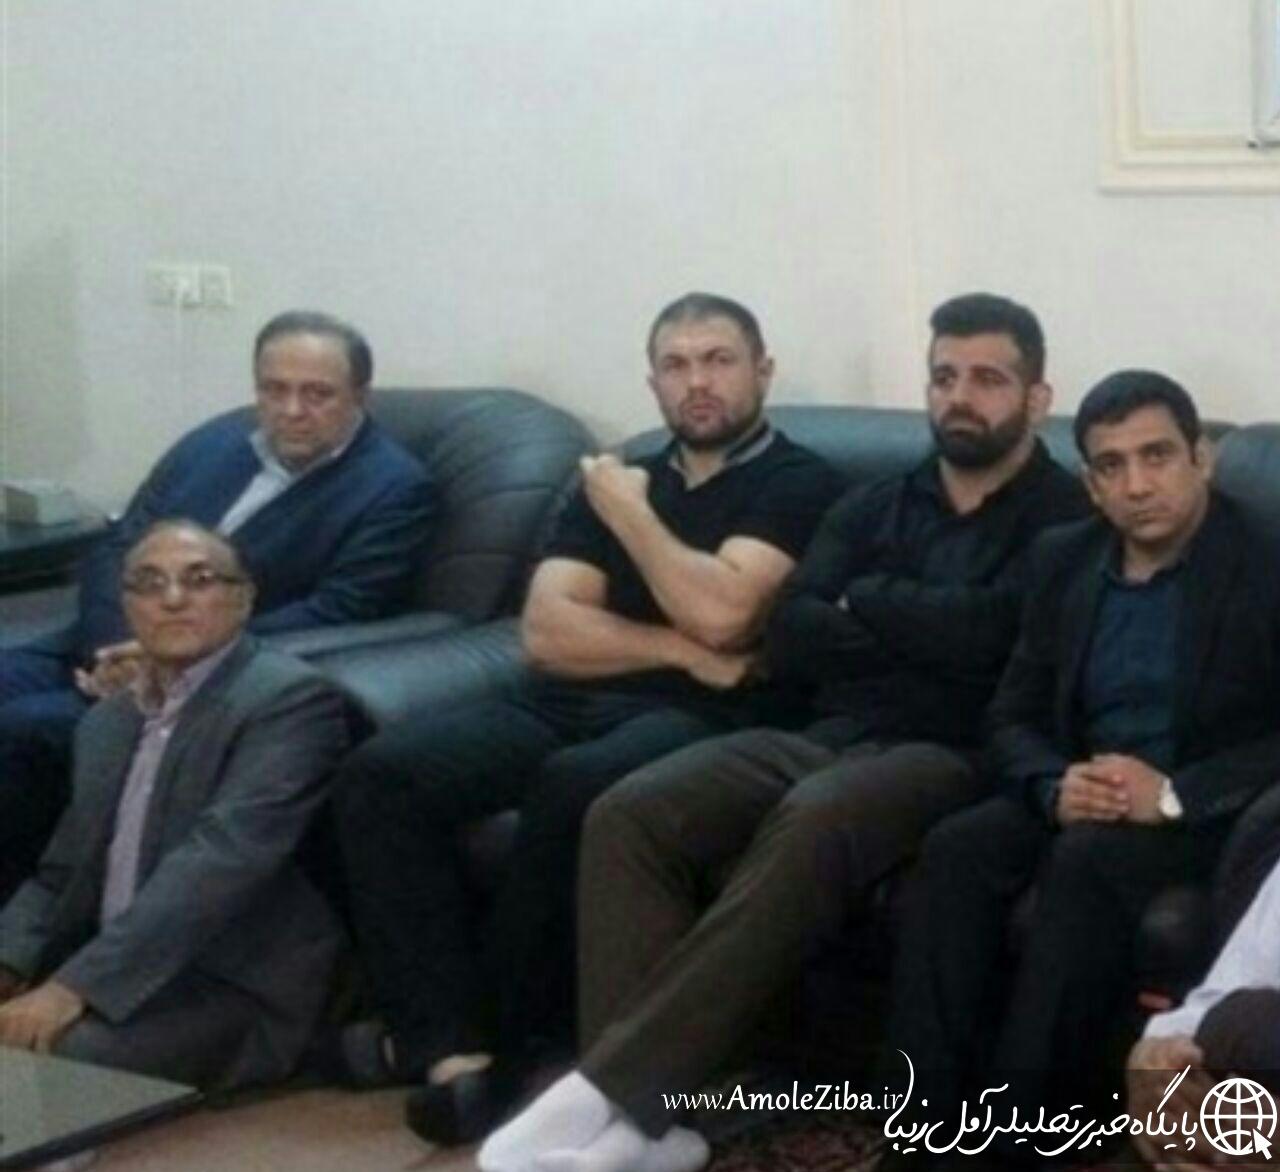 حضور کشتی گیر مازندرانی در خانه شهید مدافع حرم...